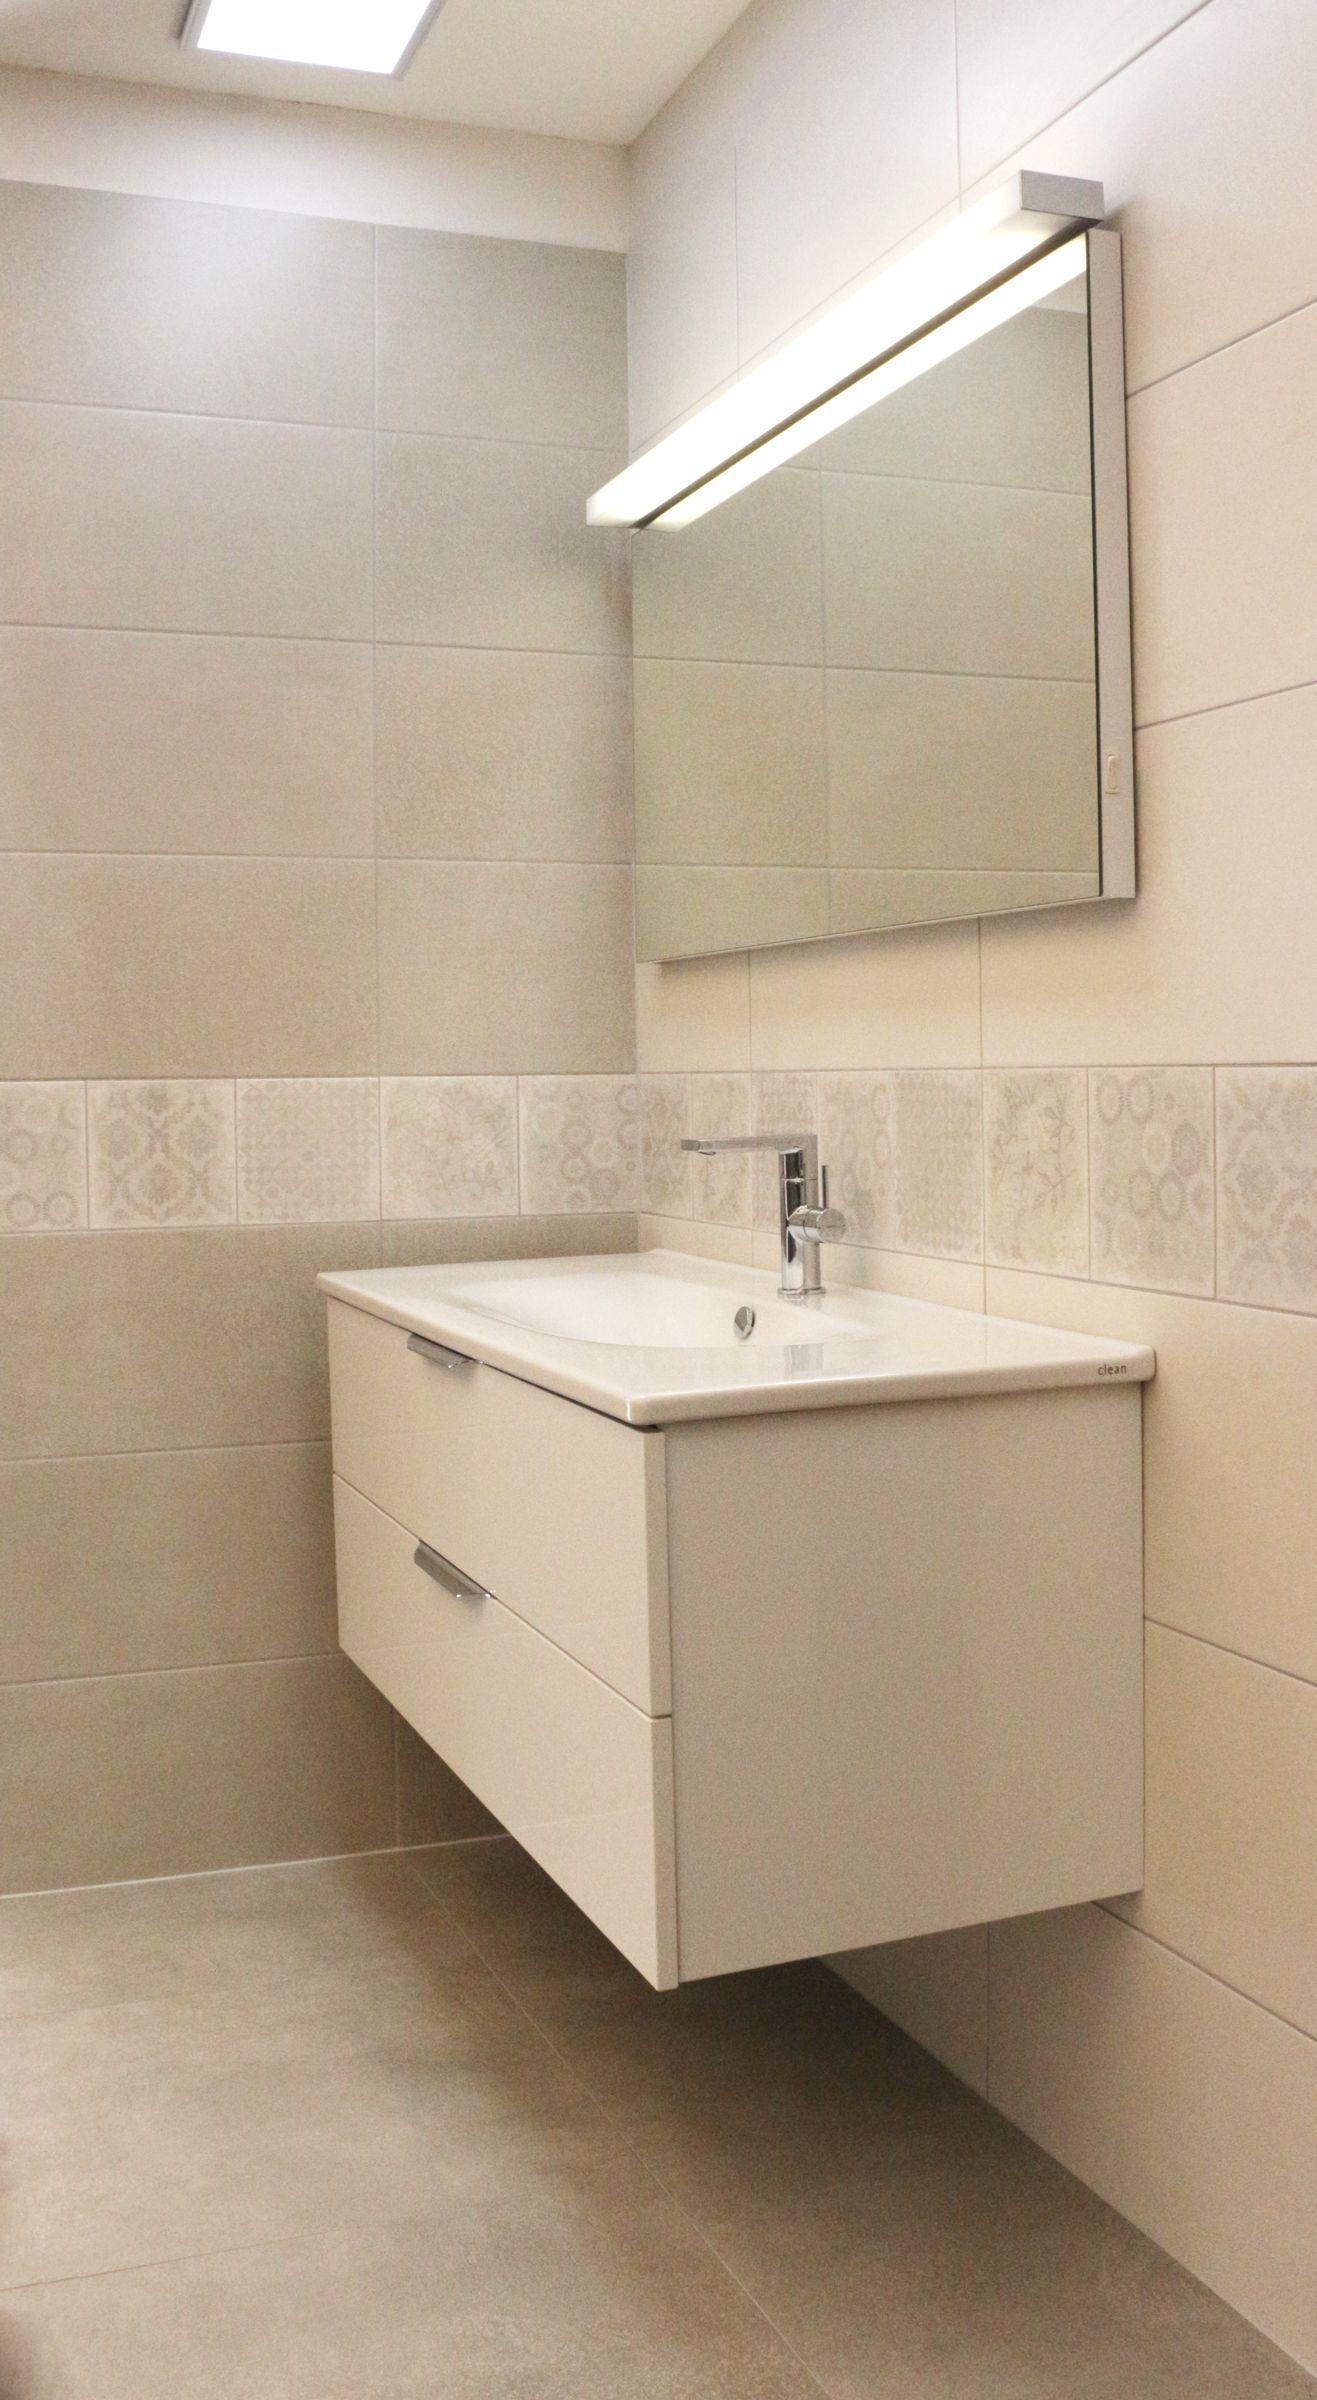 Muster Badezimmer Wc Spiegel Badezimmer Inspiration Badezimmer Bauen